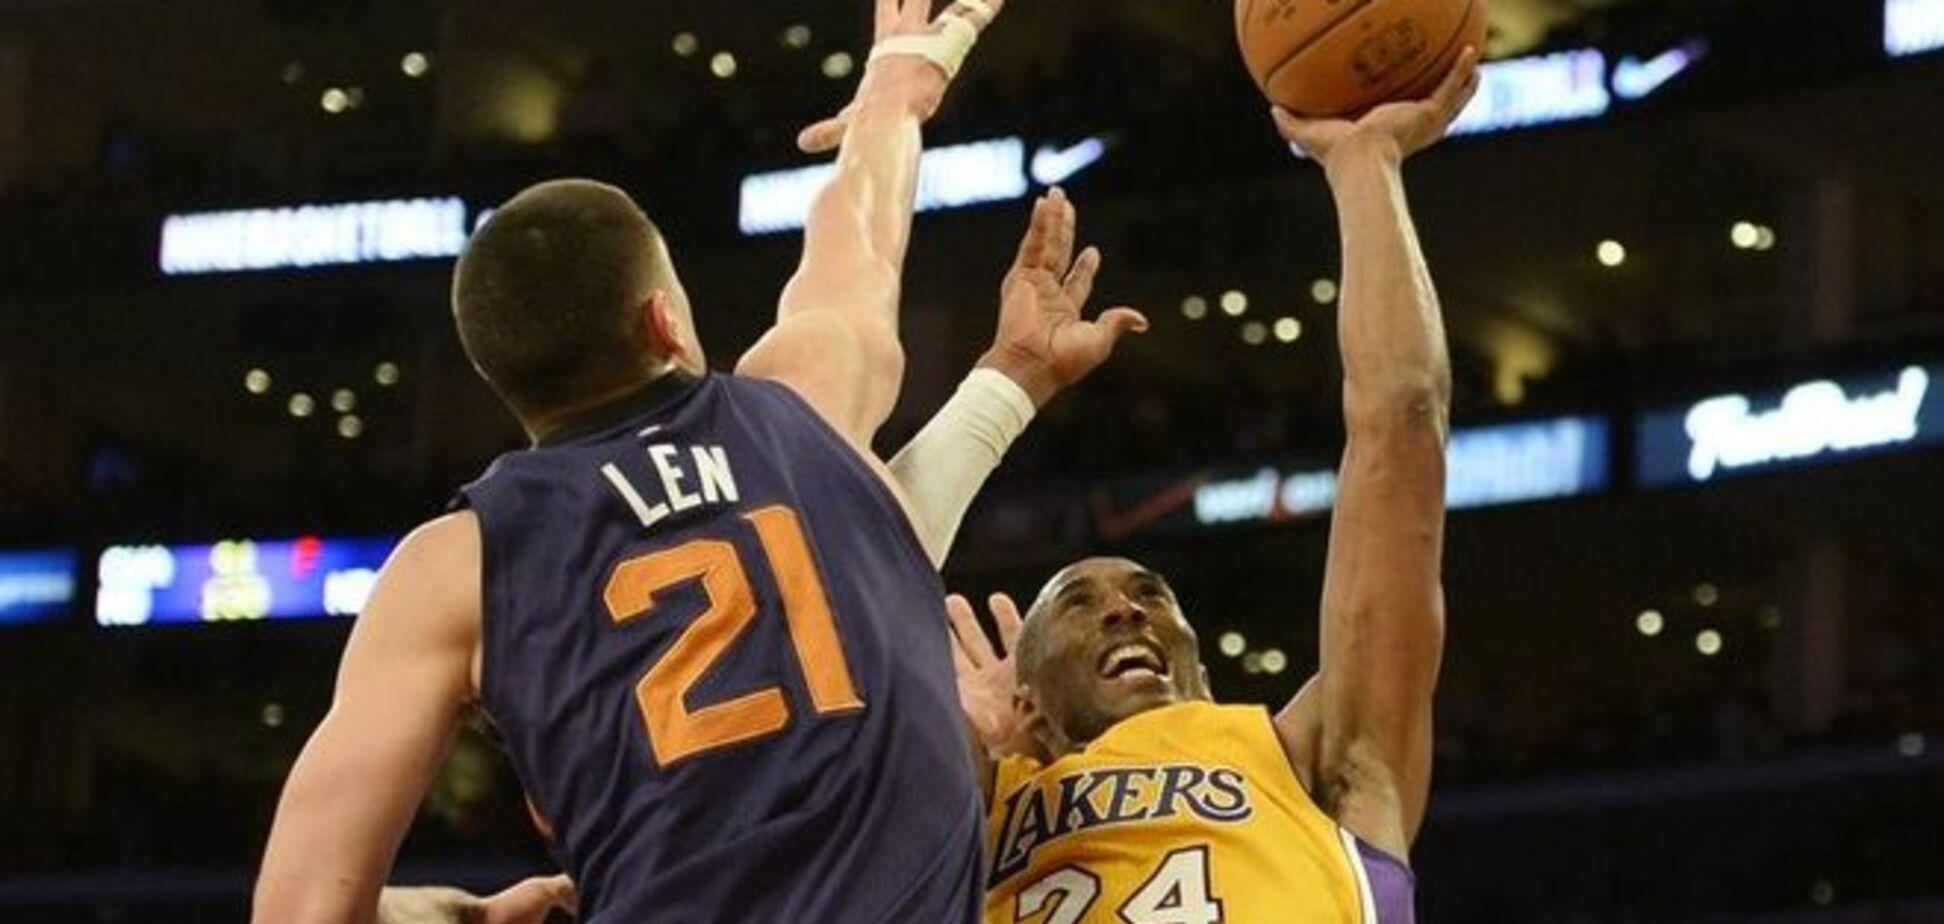 Фантастичний кидок українця став кращим в НБА: відео шедевра